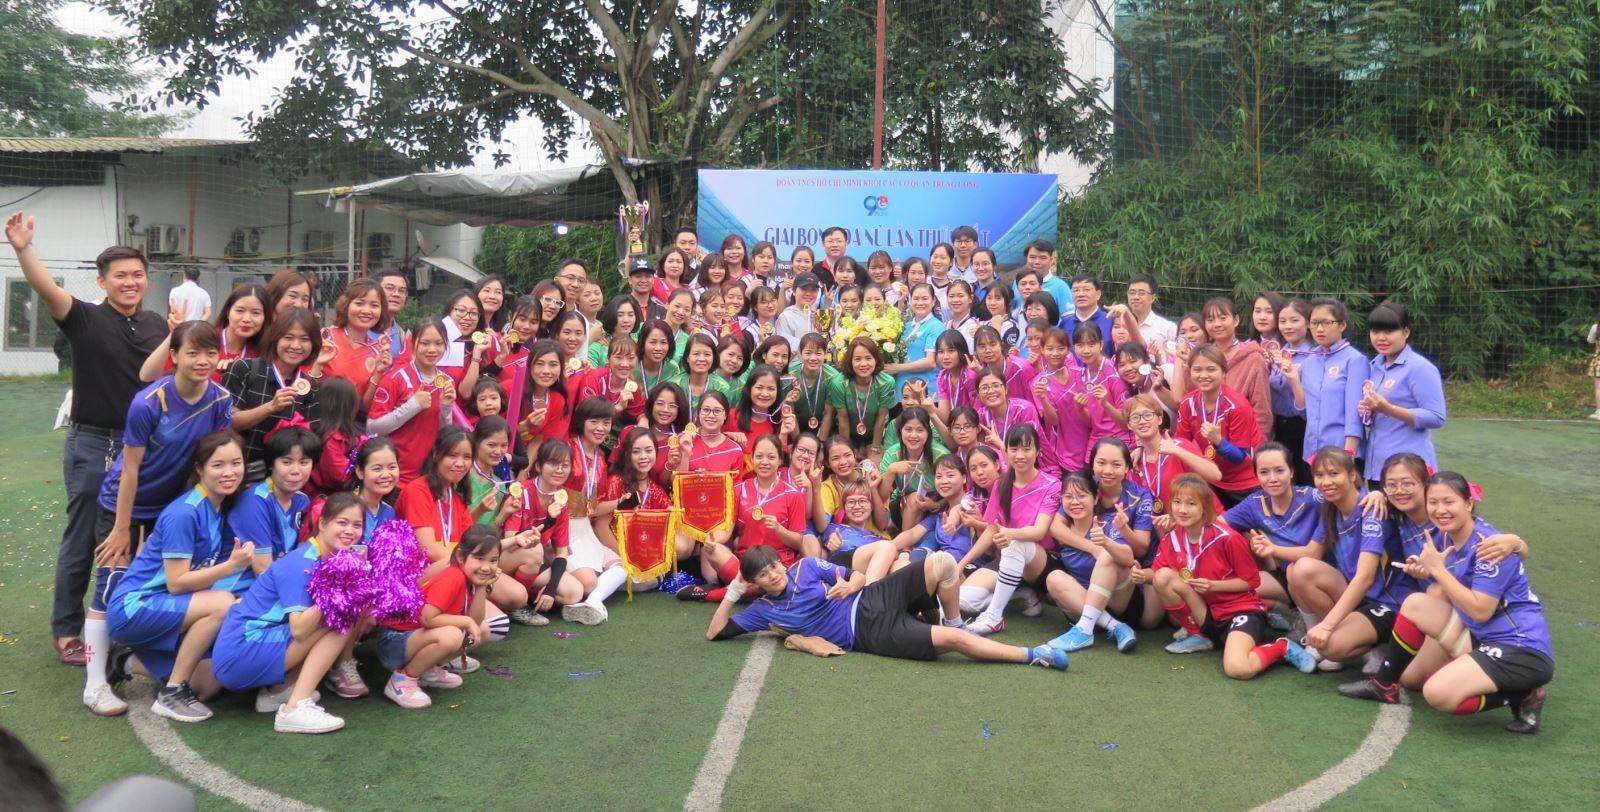 Phóng sự ảnh: Đội tuyển nữ Hội LHPN Việt Nam giành giải vô địch cúp Đoàn khối các cơ quan TW